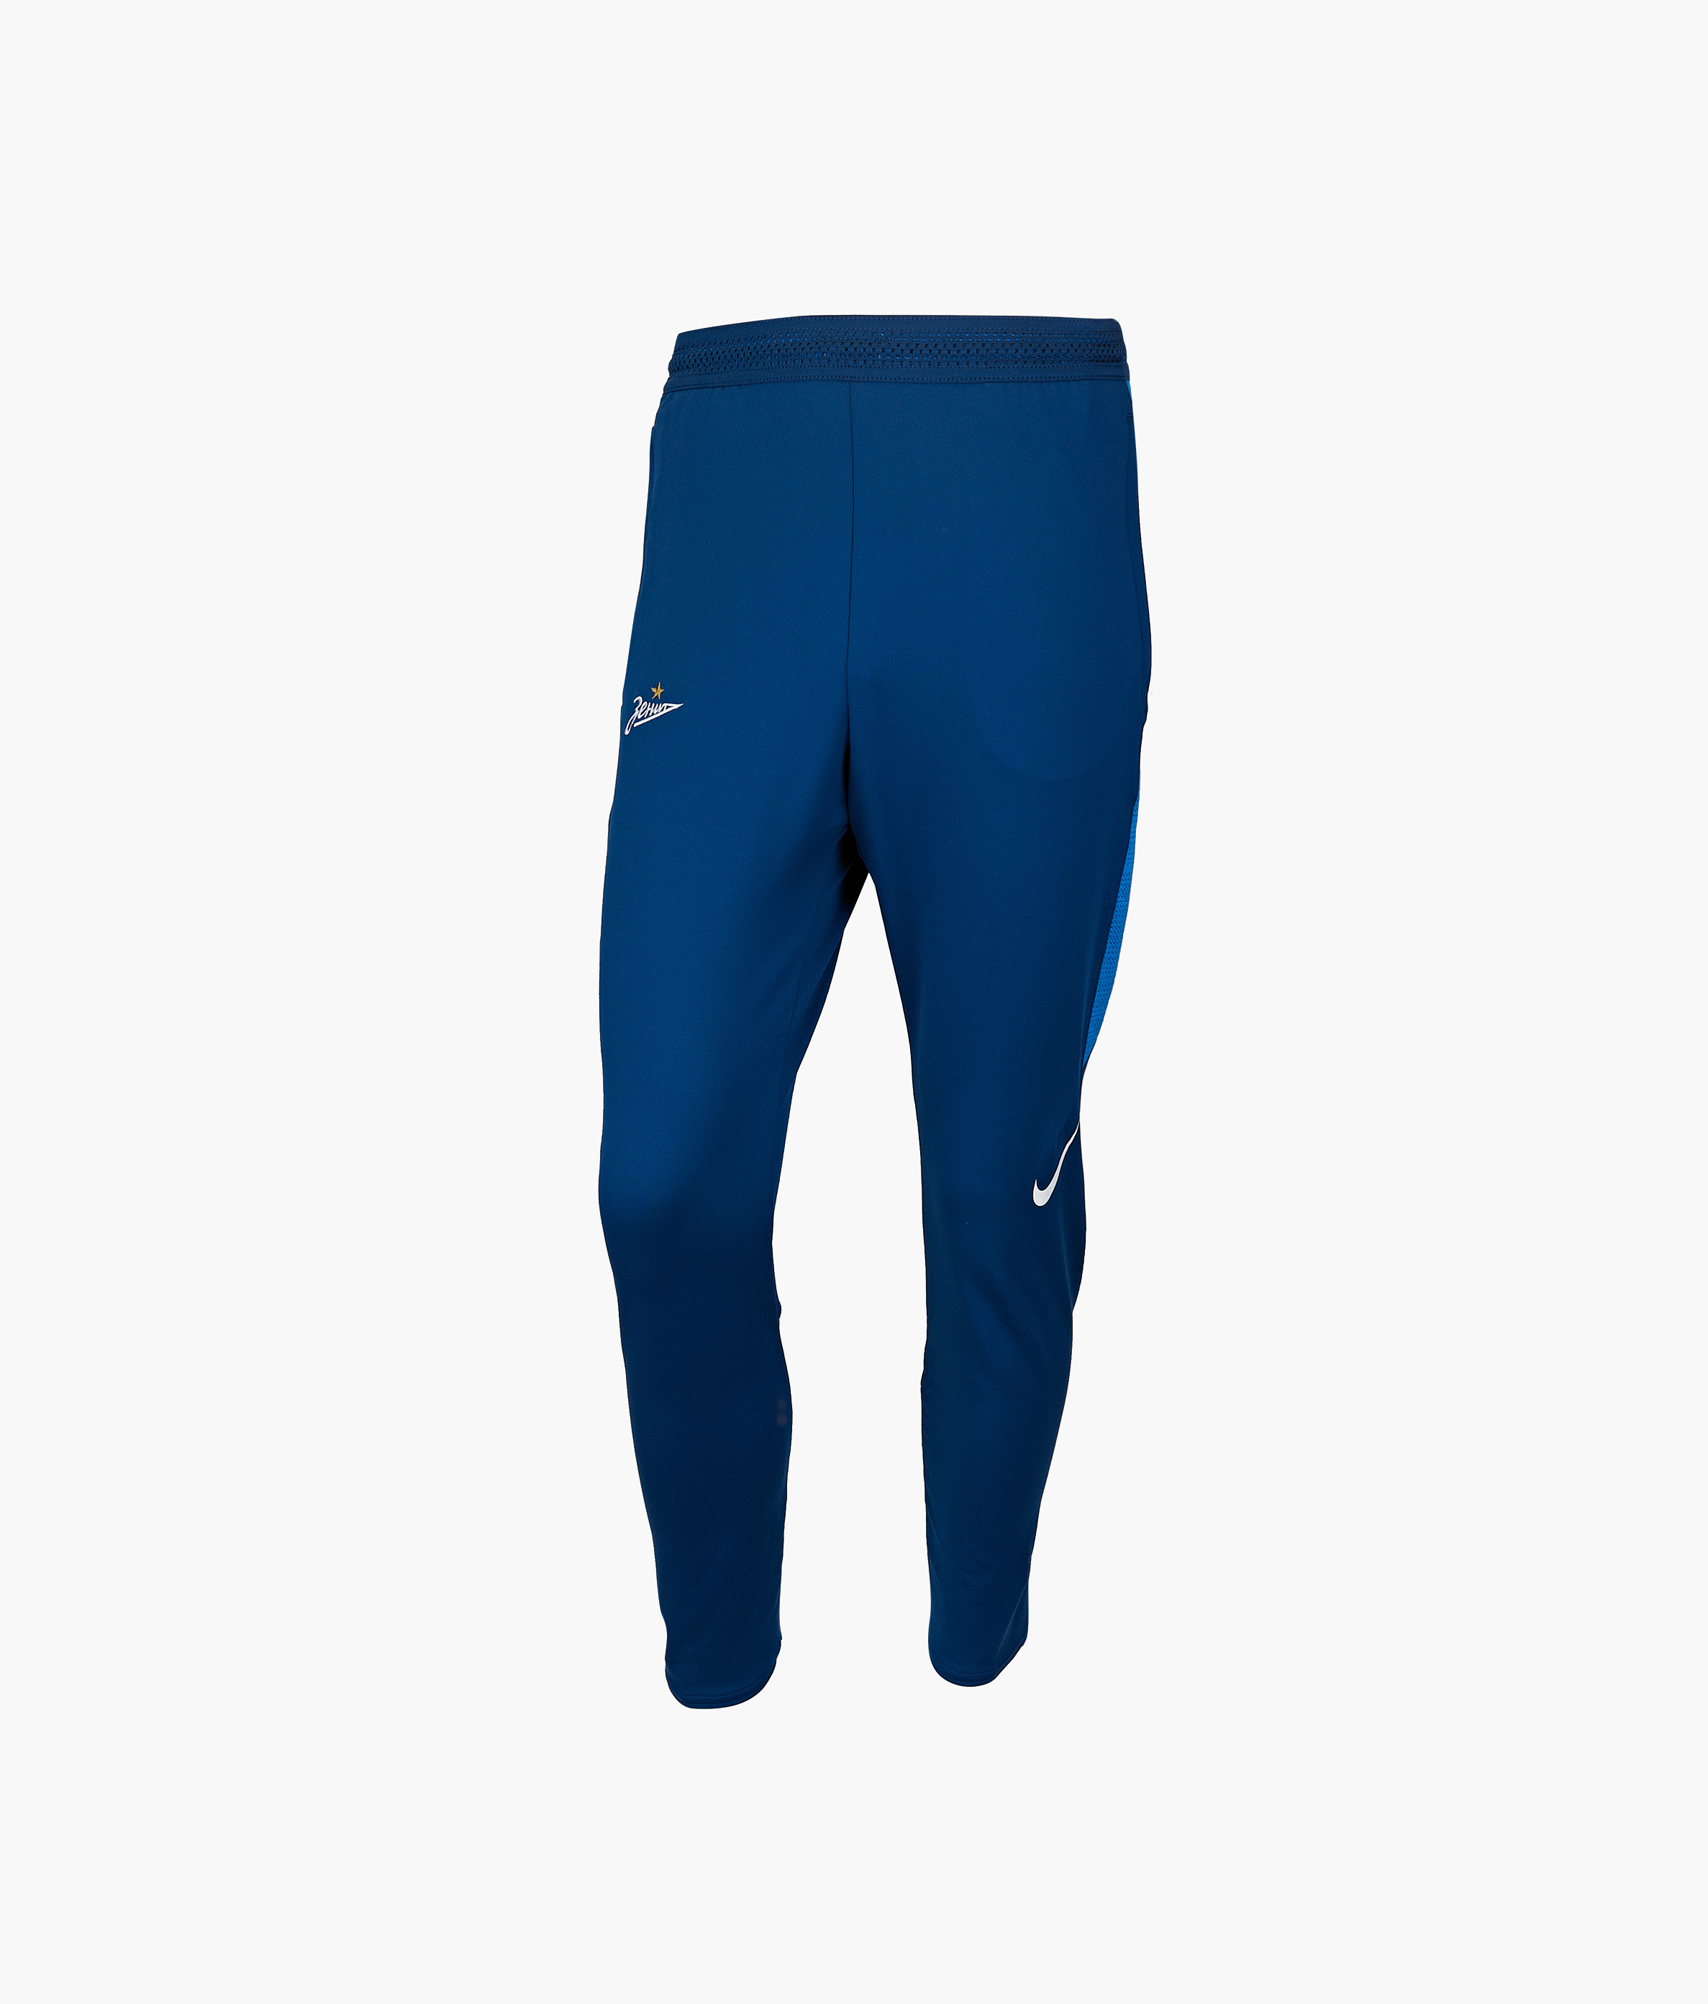 Брюки тренировочные подростковые Nike Nike Цвет-Синий цена и фото